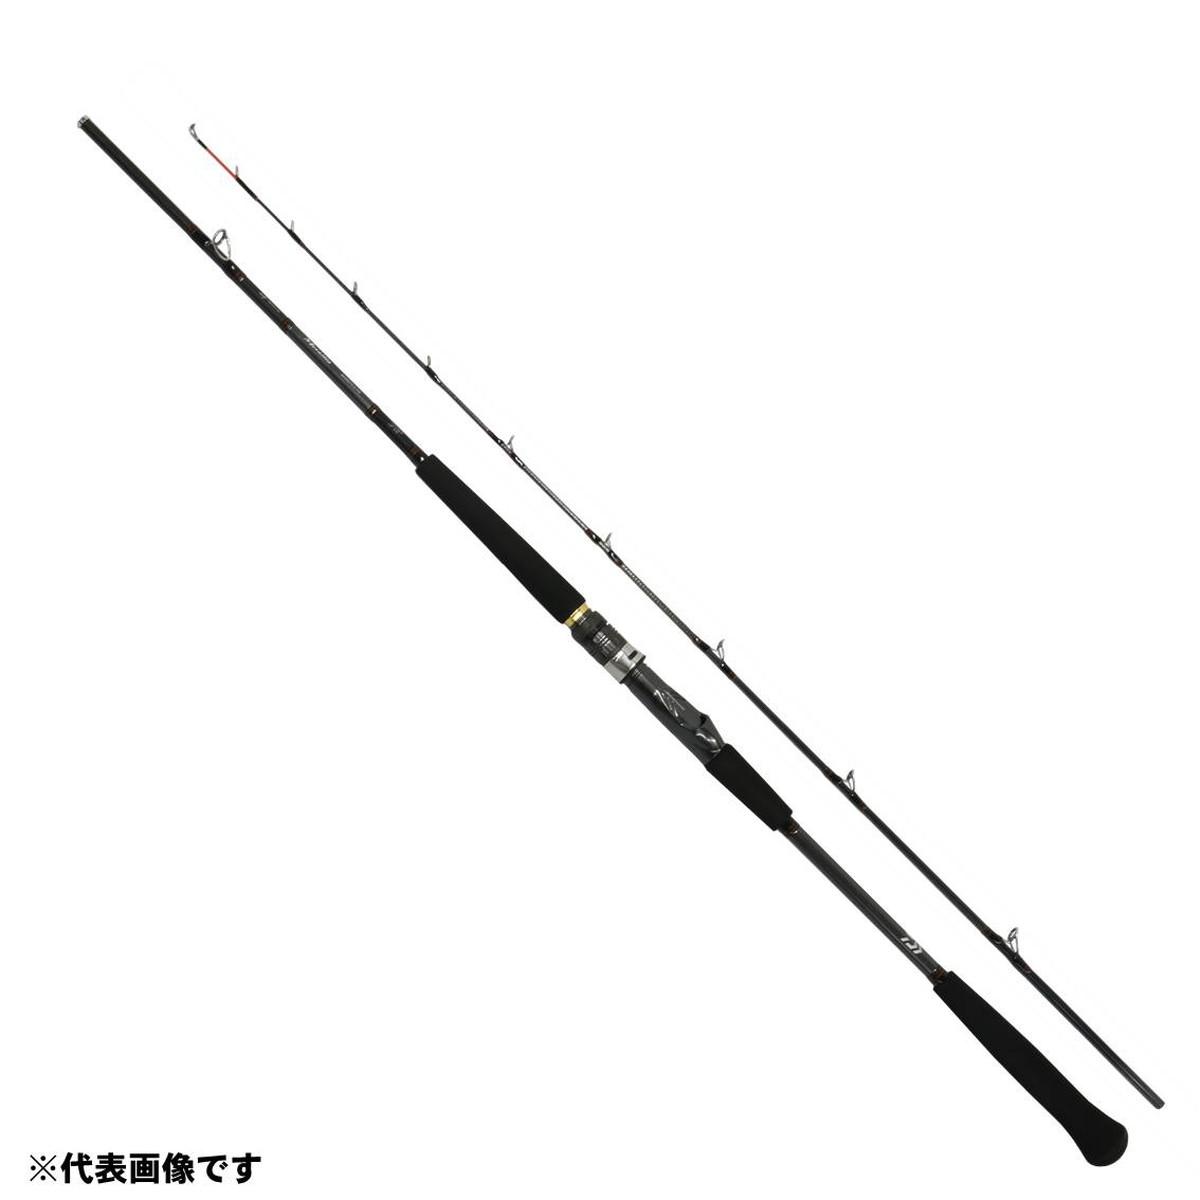 【送料無料5】ダイワ ロッド メタリア アカムツ M-215